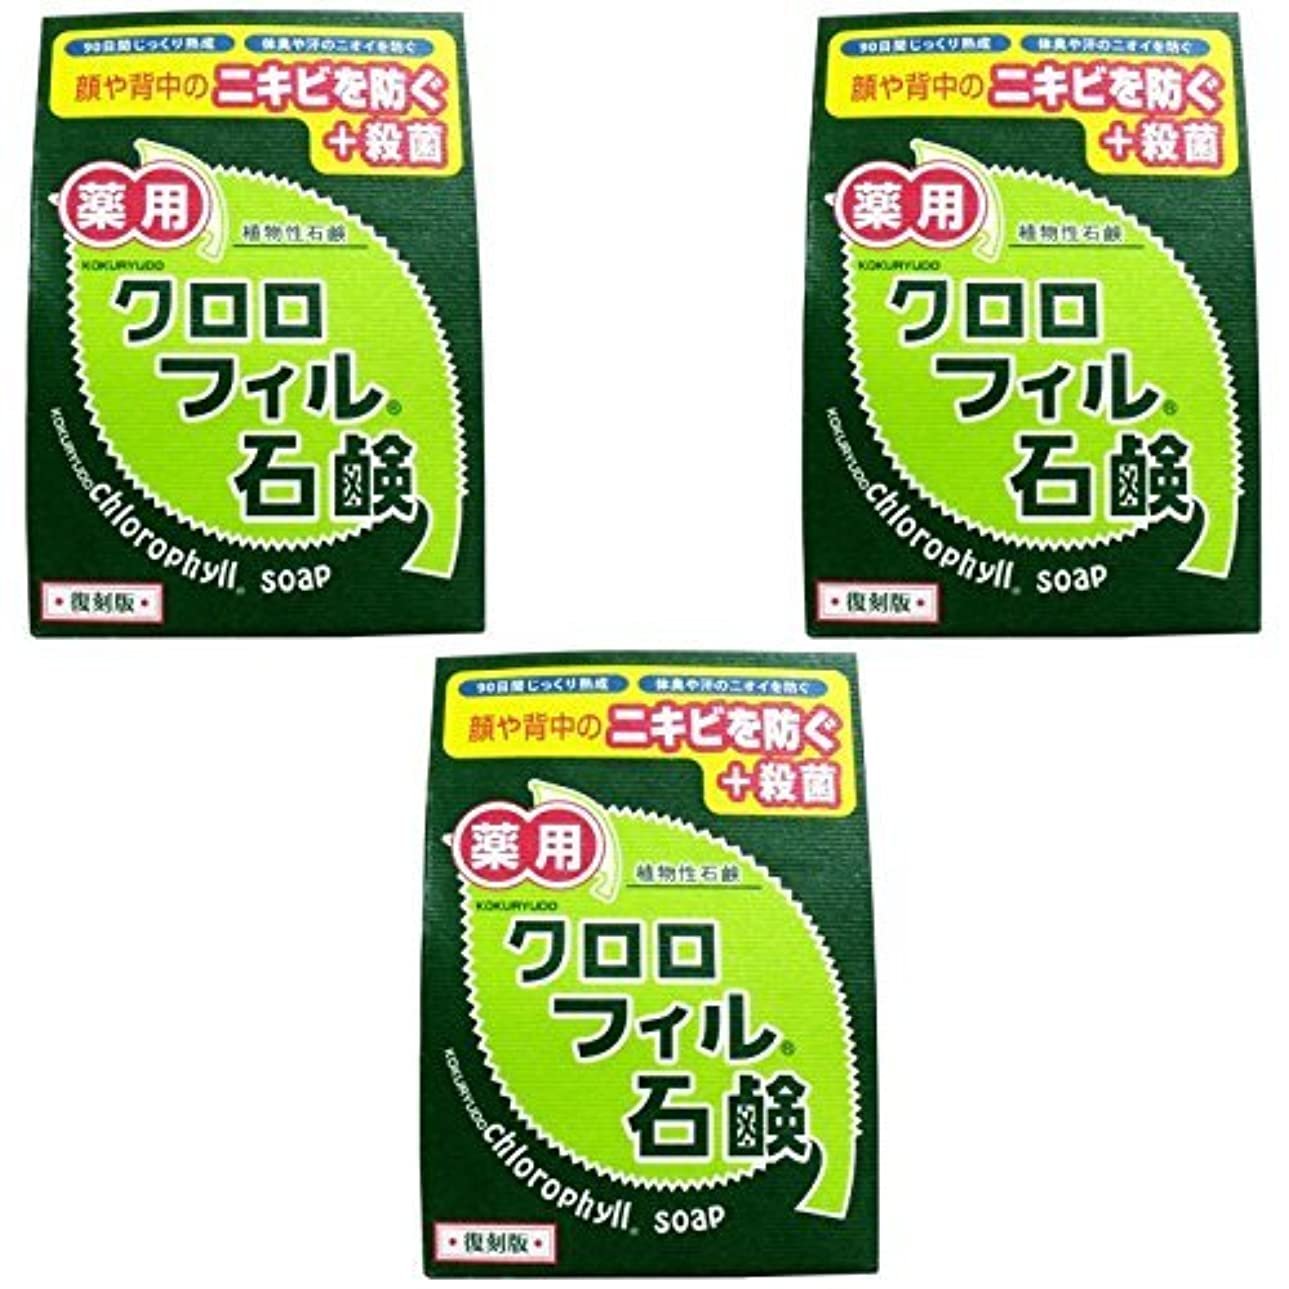 ドライバ便益確認【まとめ買い】クロロフィル石鹸 復刻版 85g (医薬部外品)【×3個】